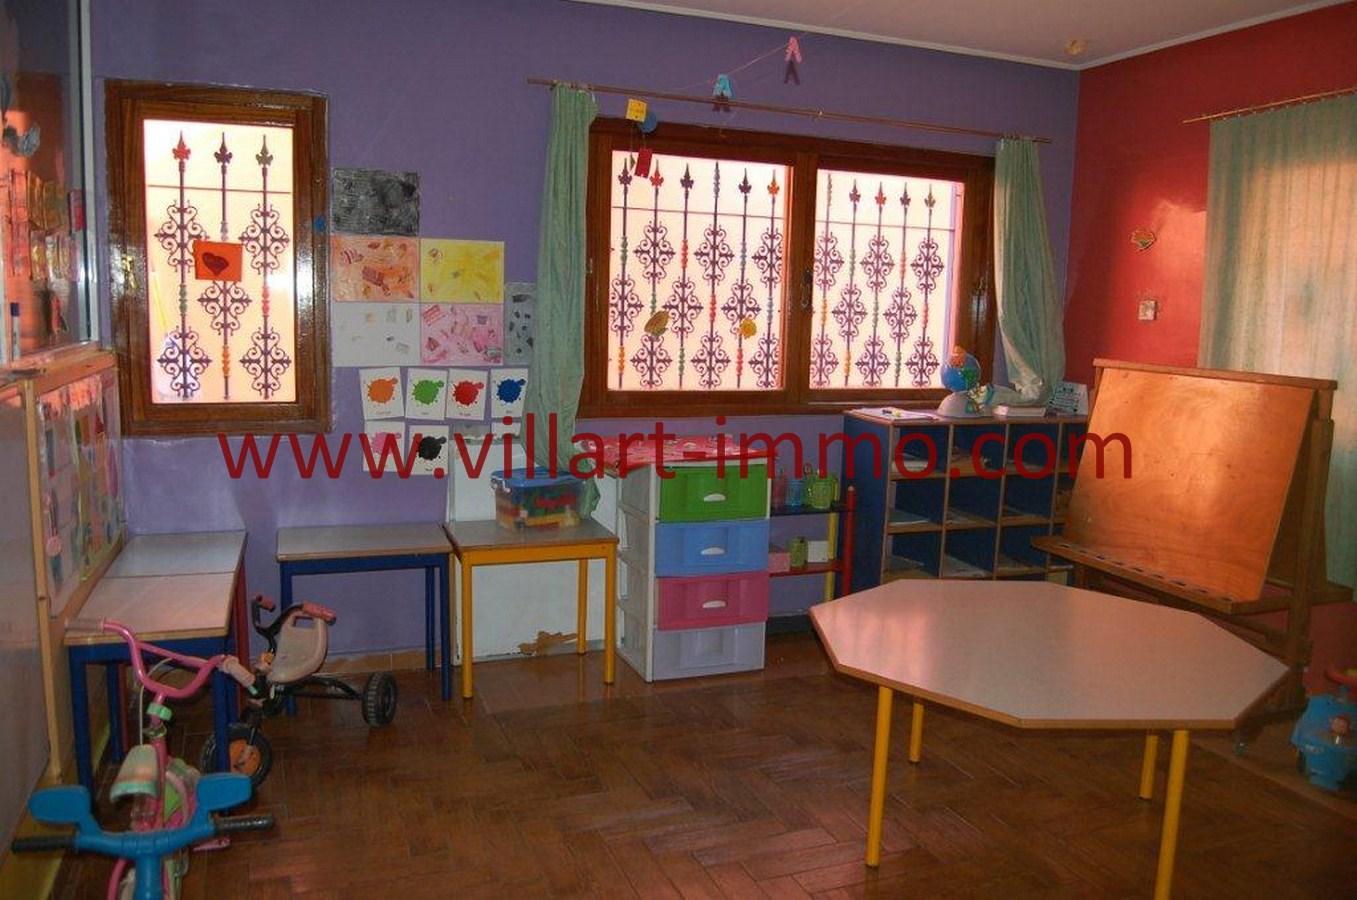 3-Vente-Villa-Tanger-Mojahidin-Salon 3-VV512-Villart Immo